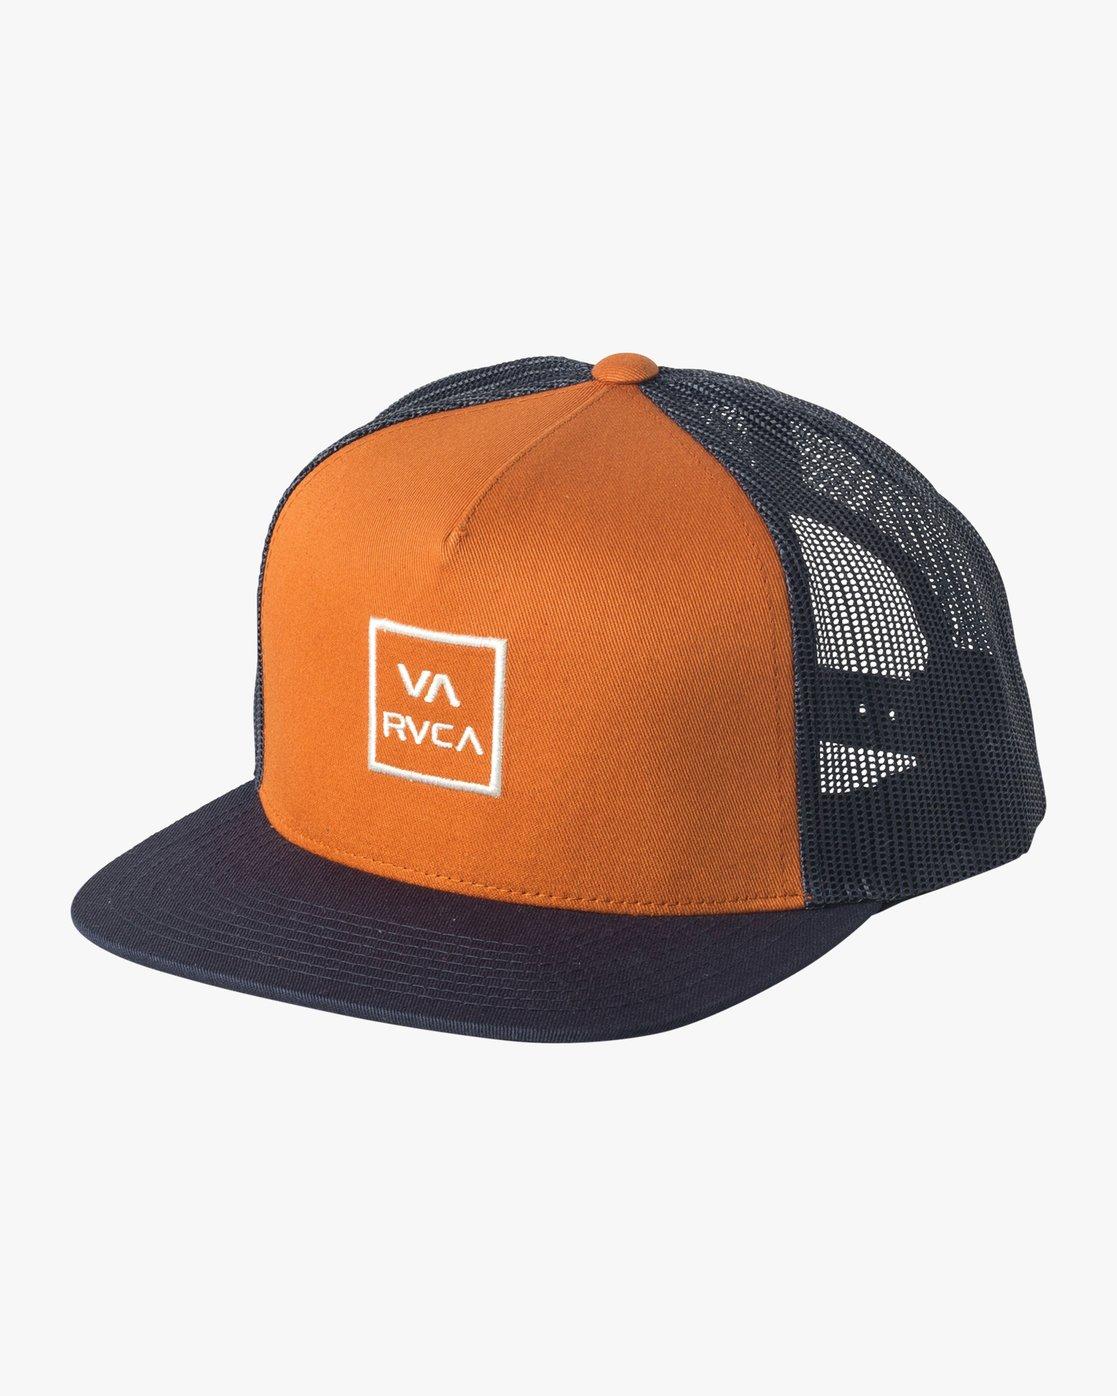 0 VA All The Way Trucker Hat III Yellow MAAHWVWY RVCA